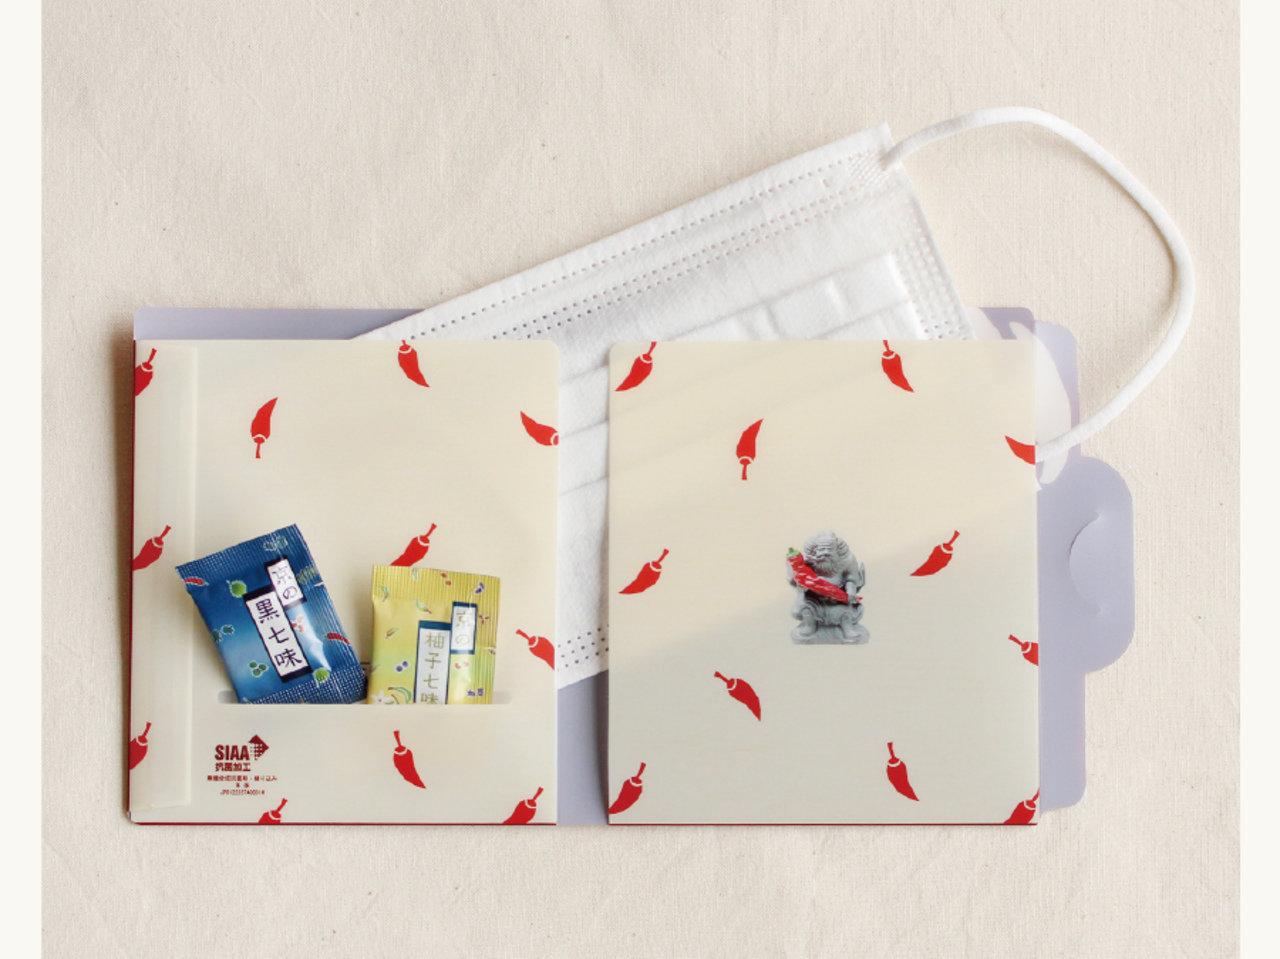 京都の七味唐辛子専門店「おちゃのこさいさい」が、マスクケースのプレゼントキャンペーンを開始!